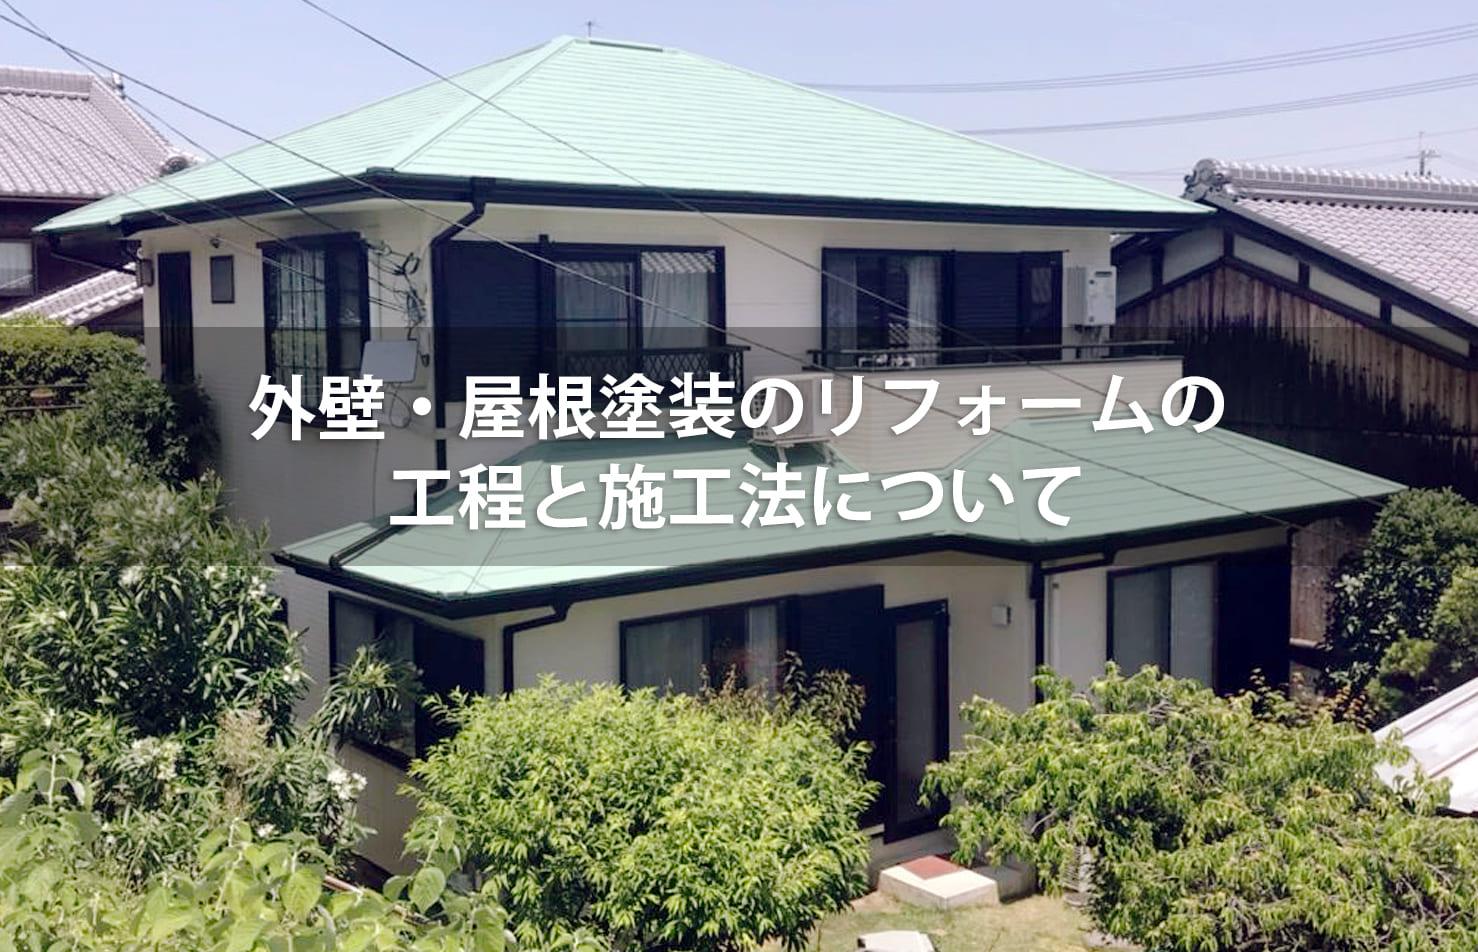 外壁・屋根塗装のリフォームの工程と施工法について